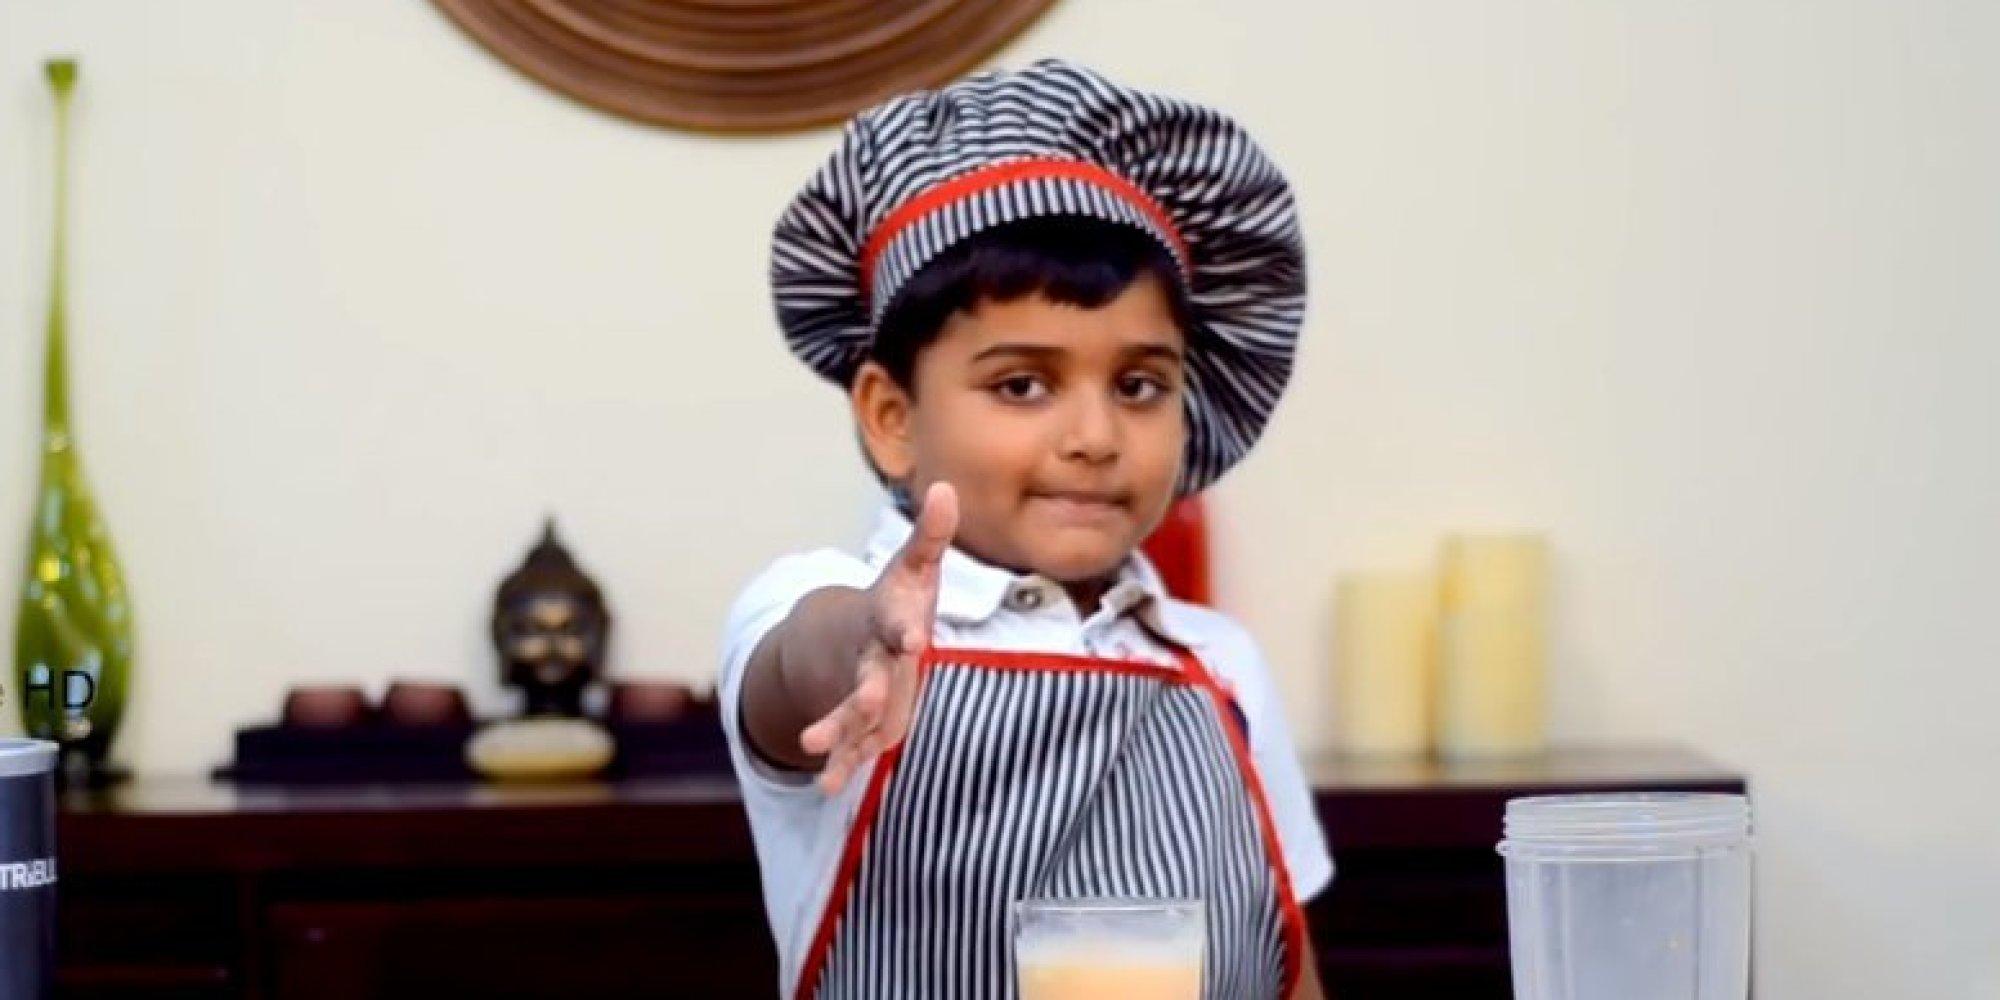 Ce youtubeur de 6 ans cartonne avec ses recettes de cuisine for Bureau youtubeur